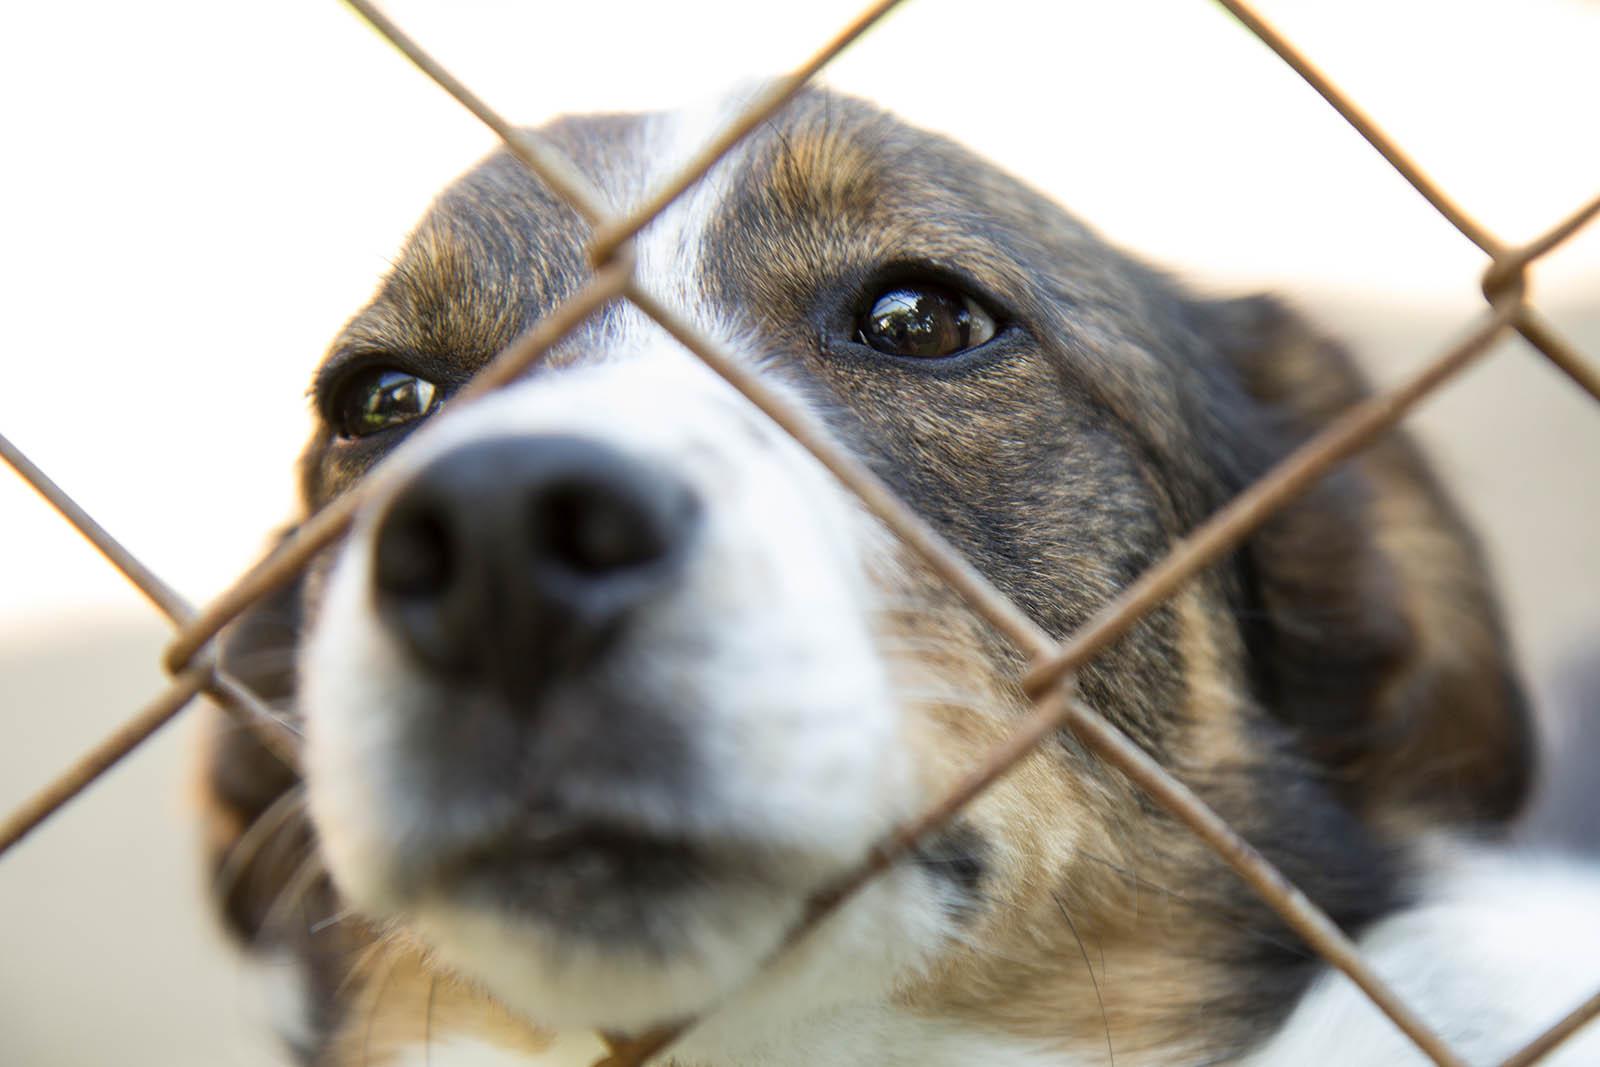 Darum ist es besser, ein Tier aus dem Tierheim zu adoptieren